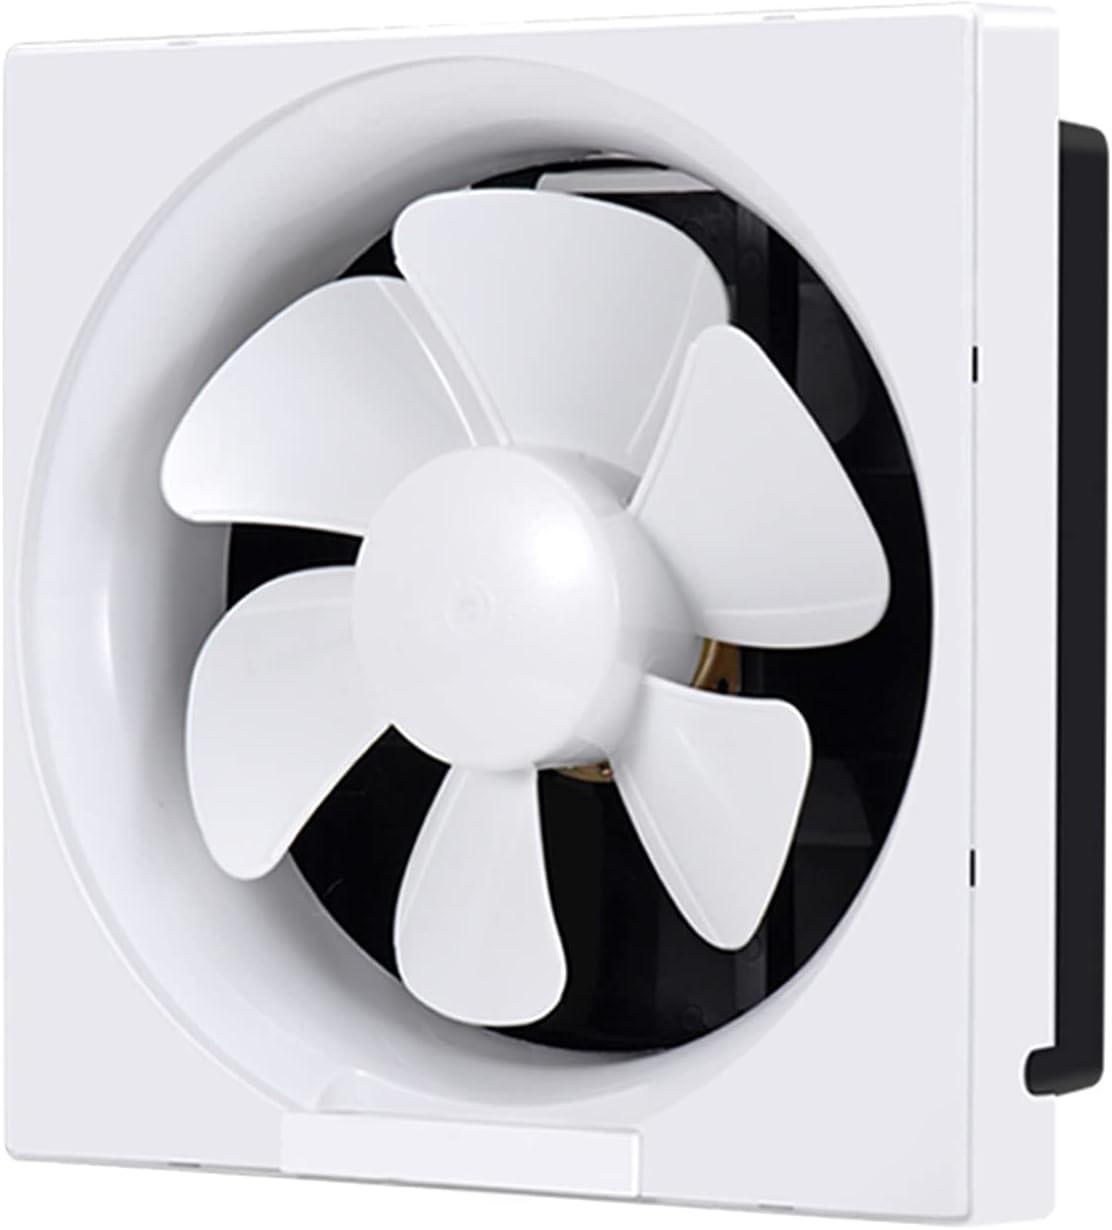 zlw-shop Ventilador de Escape de la Cocina Ventilador de ventilación para el hogar con persianas e Interruptor de línea 10 Pulgadas Bathroom Fan de Escape Tipo de Ventana Potente, 4 0W, 99CFM